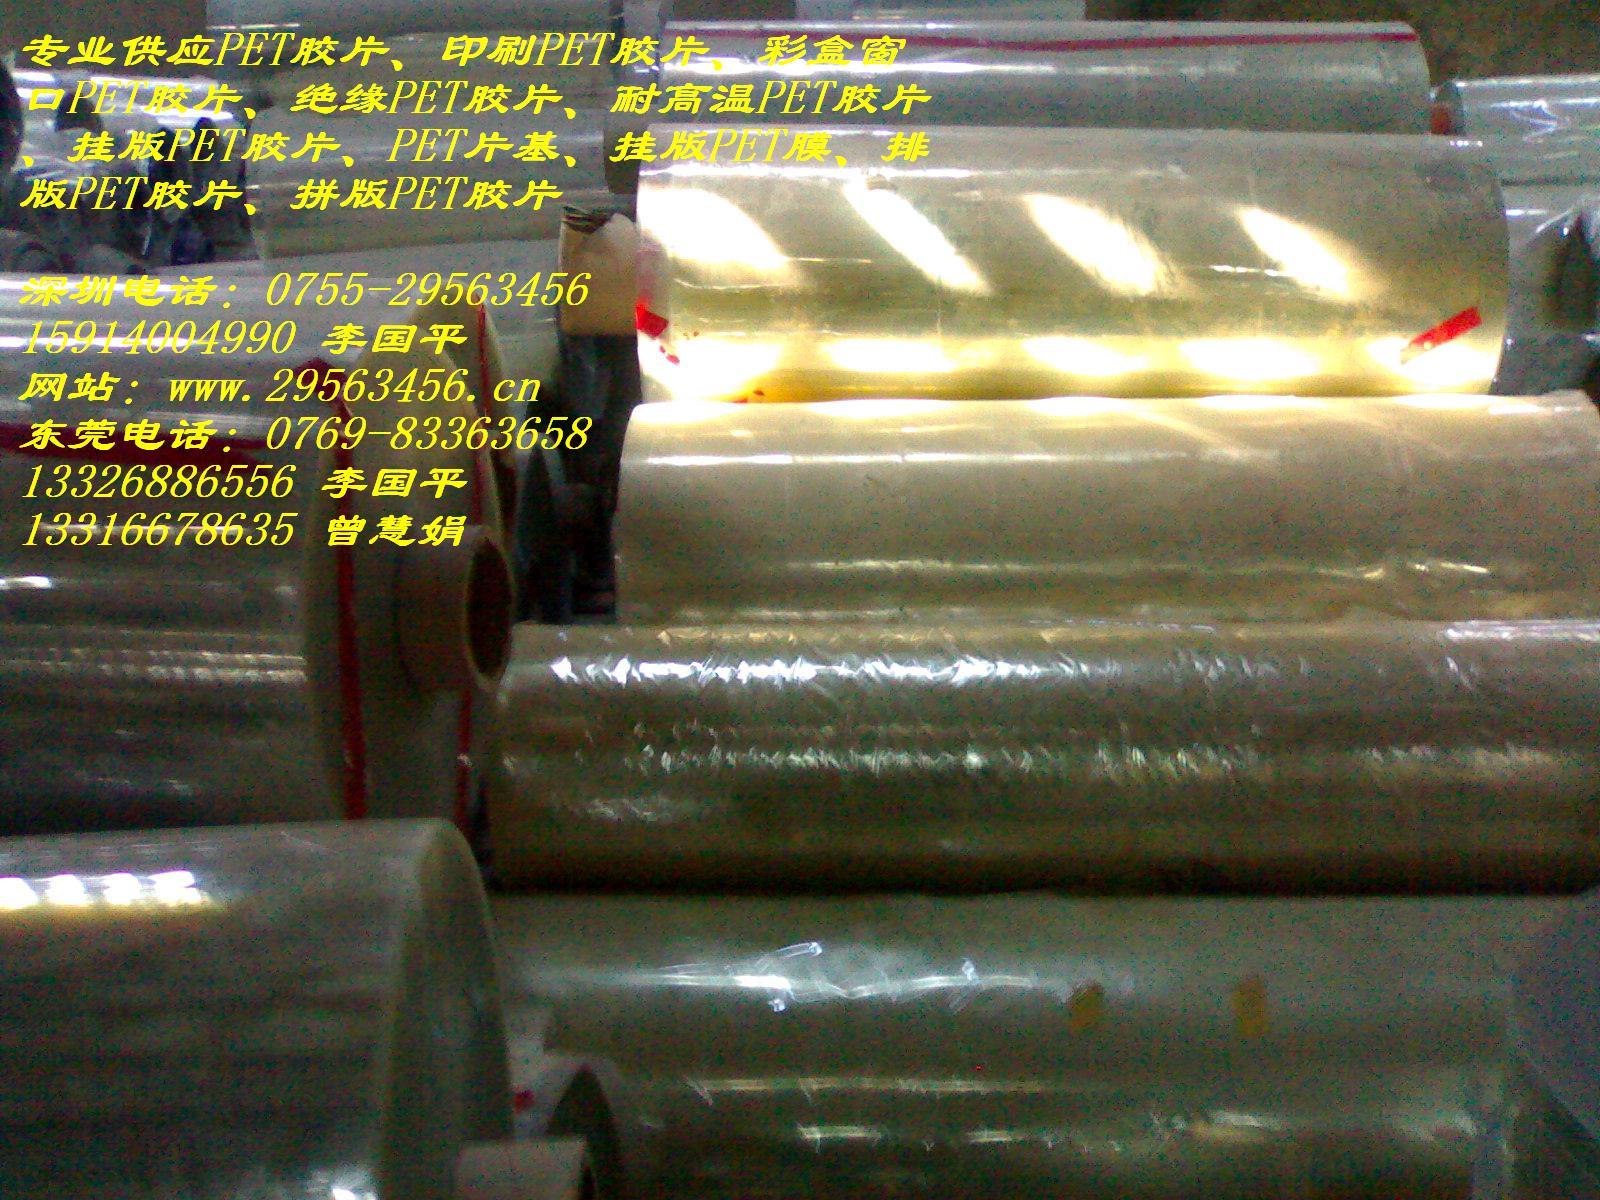 印刷APET胶片 PVC胶片 PET胶片生产厂家